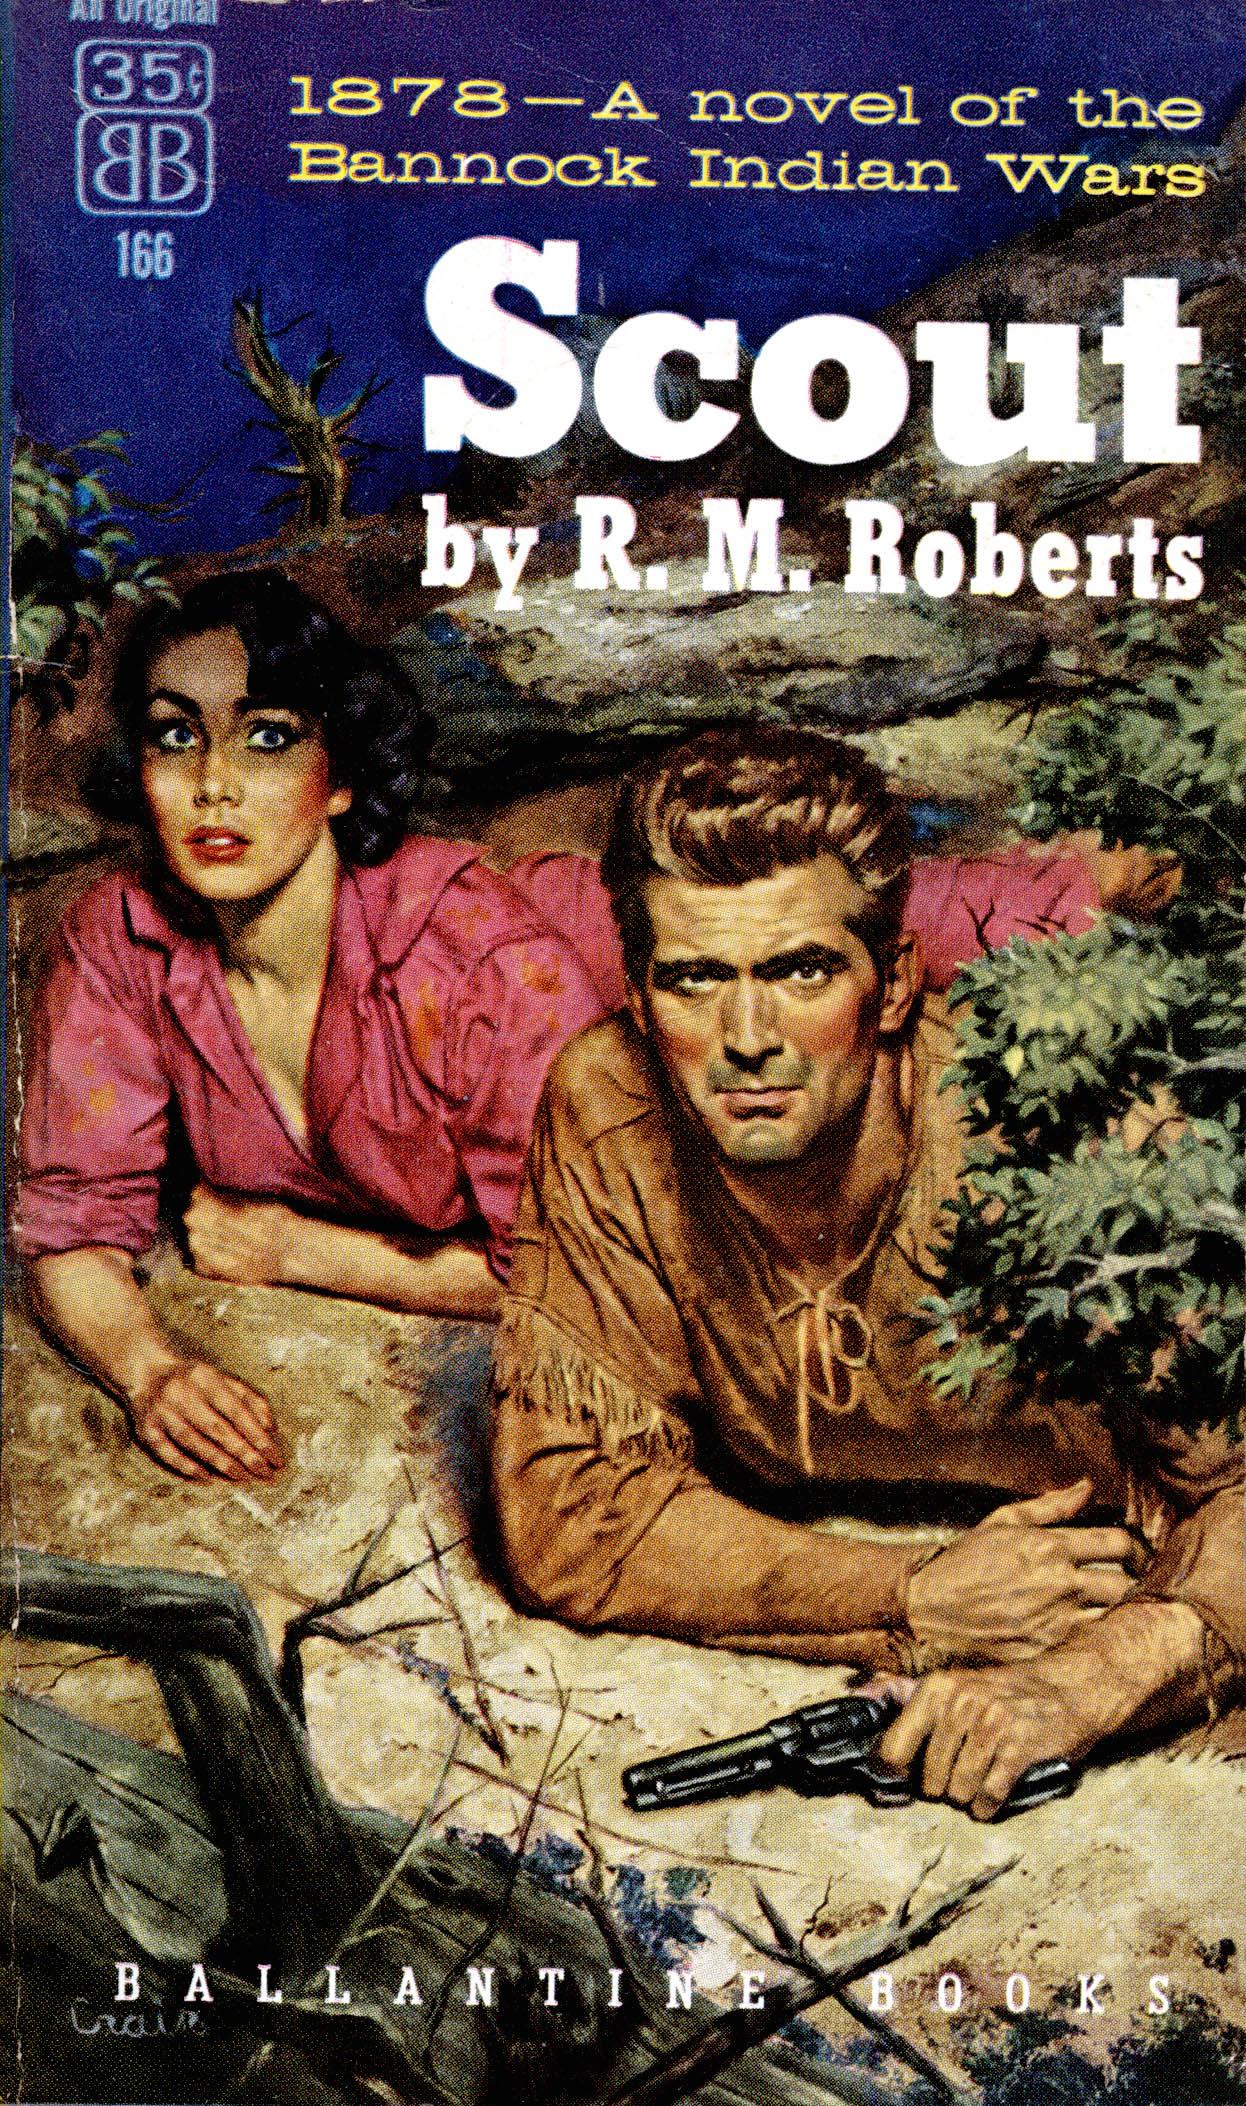 John Dexter Midnight Readers 1963 Sleaze//GGA//Fiction E-40 Shame Dame